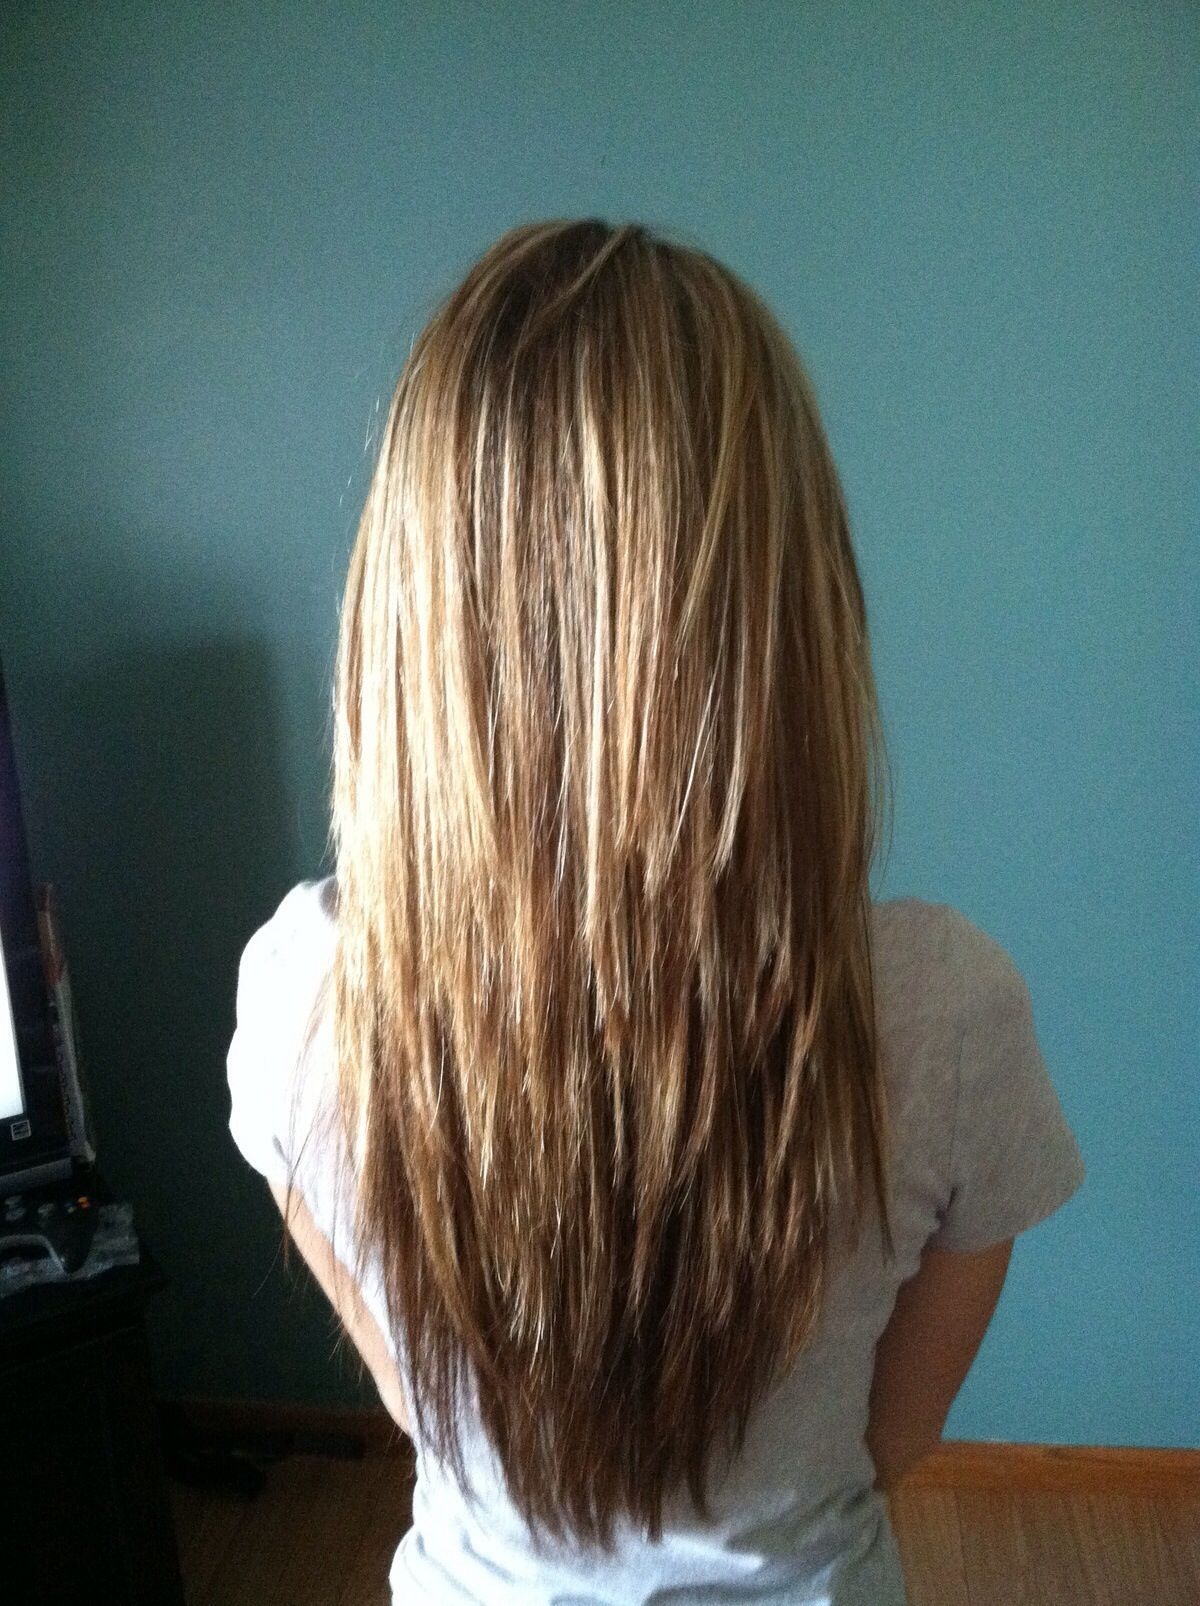 Long choppy layered hair